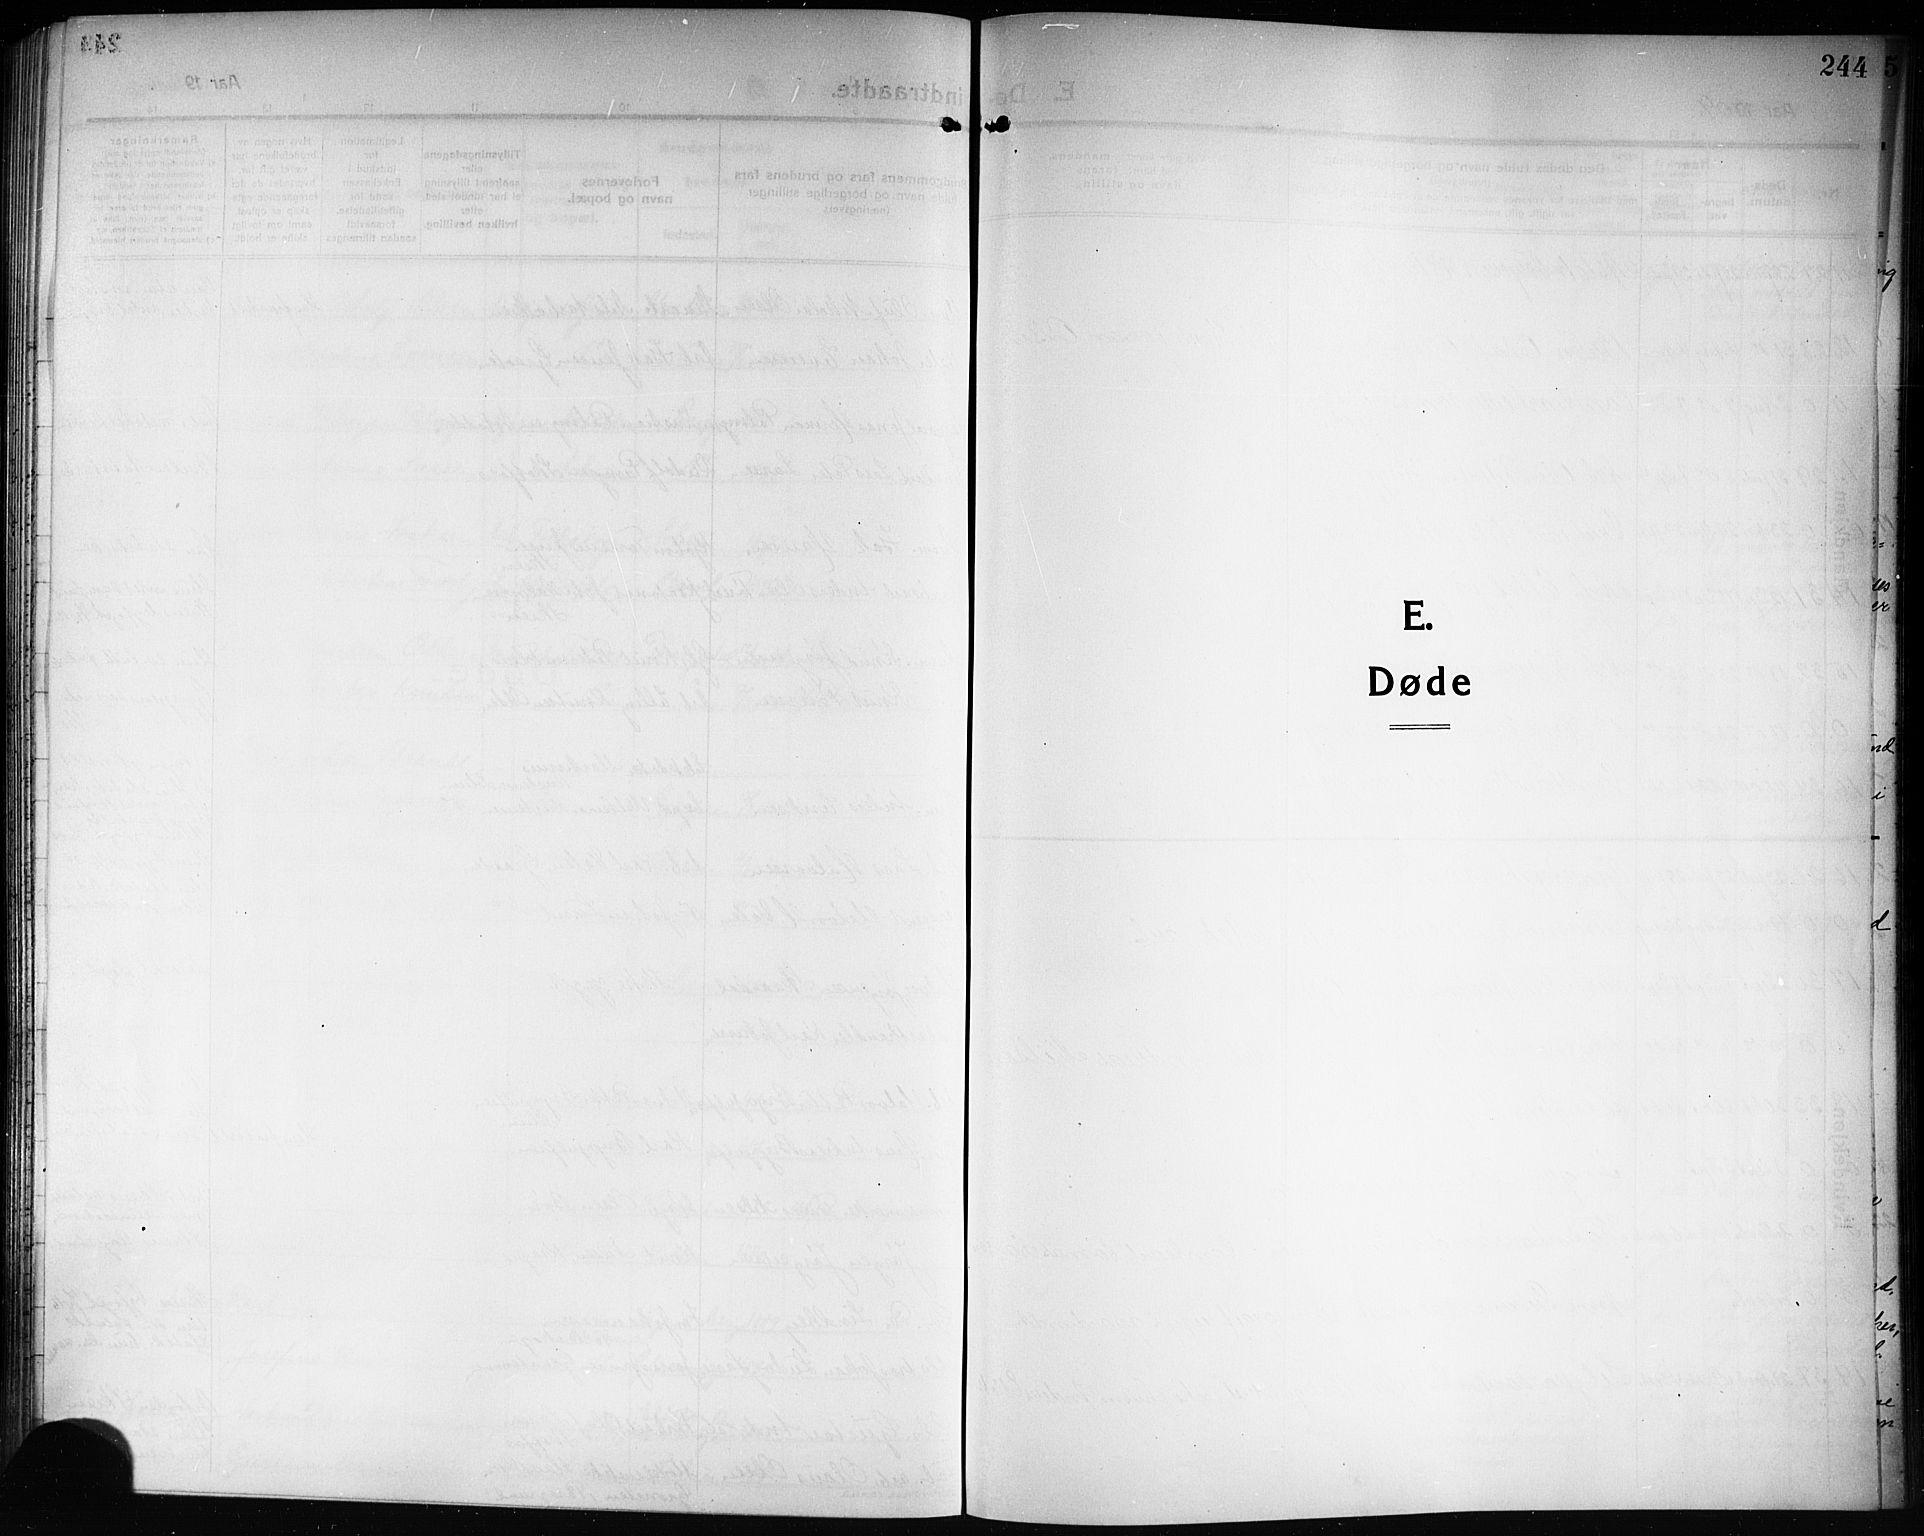 SAKO, Solum kirkebøker, G/Ga/L0009: Klokkerbok nr. I 9, 1909-1922, s. 244